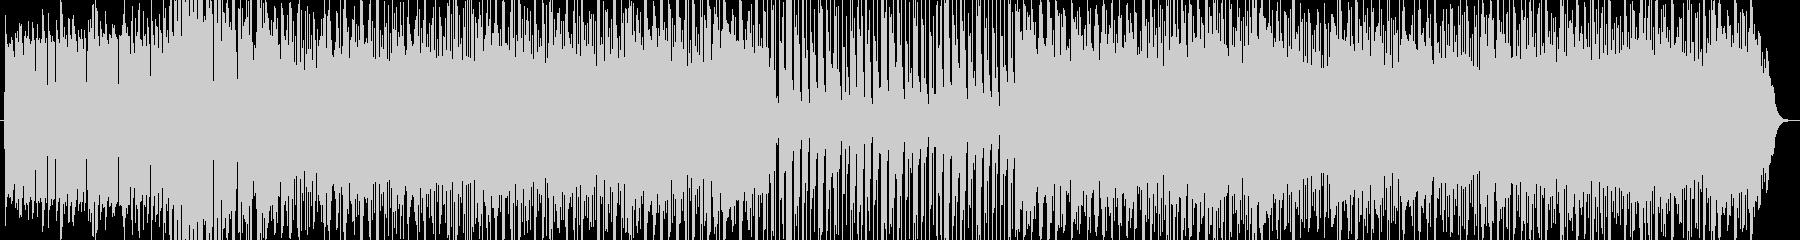 疾走感のあるテクノループ音楽 の未再生の波形